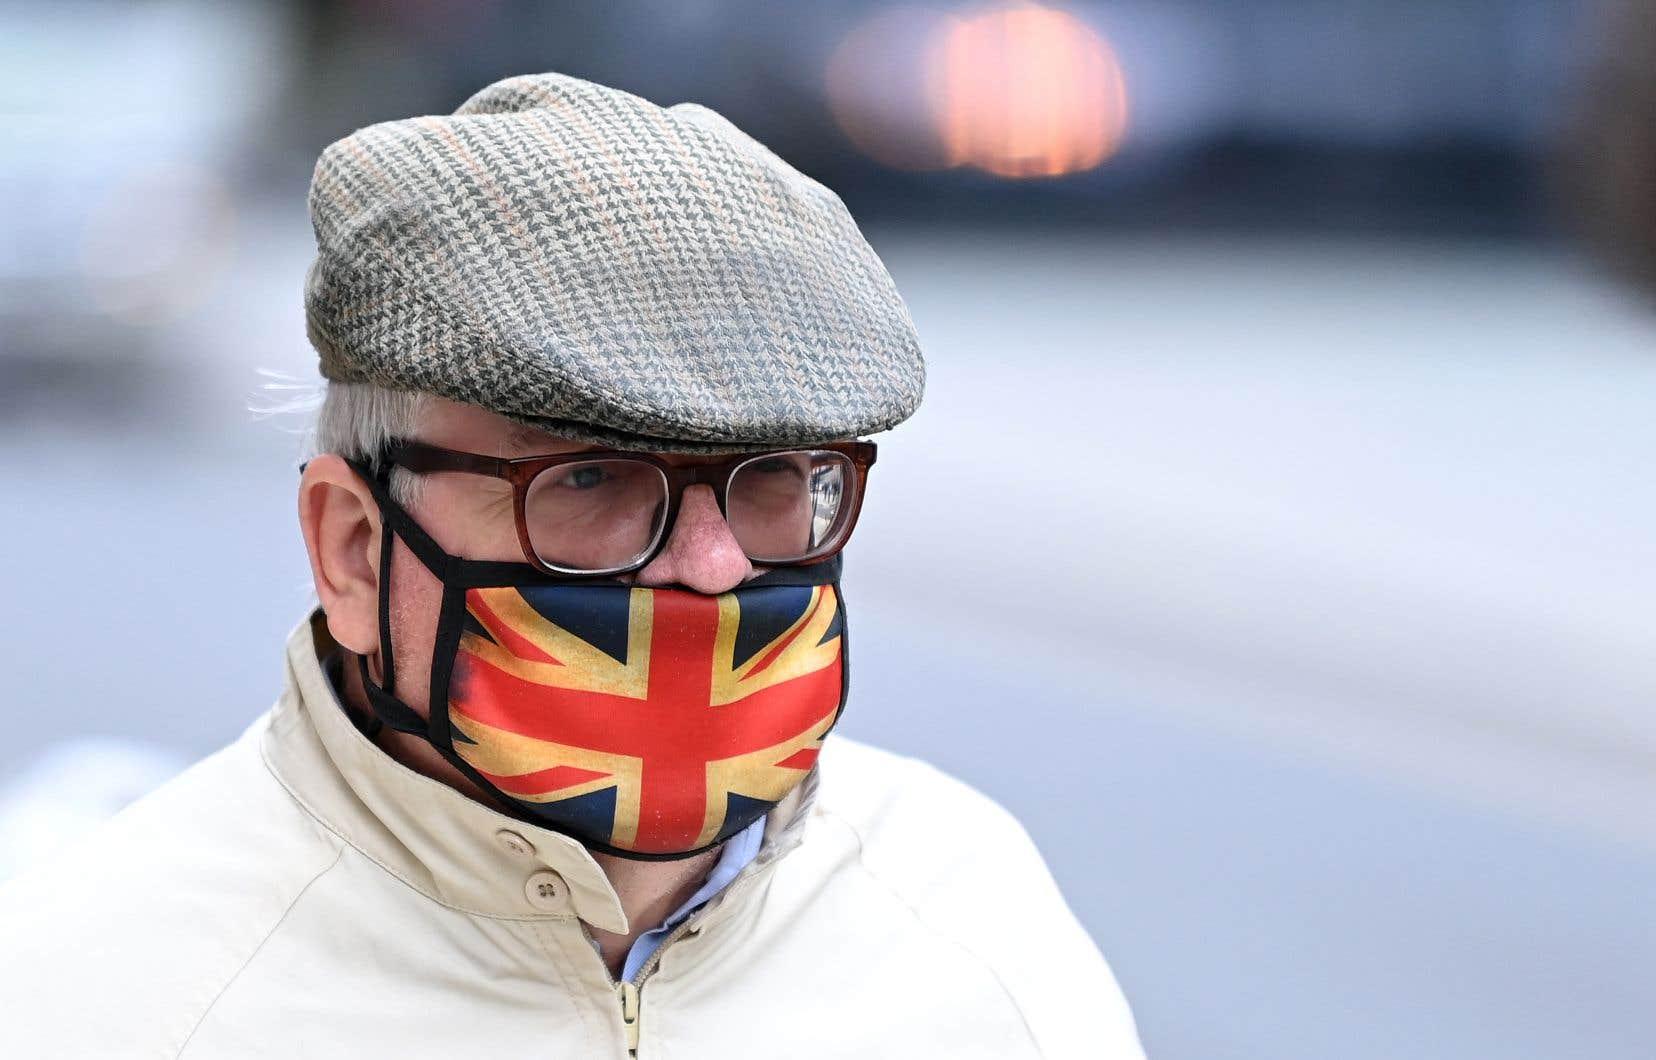 Le Royaume-Uni est l'un des pays les plus endeuillés d'Europe avec presque 138 000 morts dus à la propagation de la COVID-19.